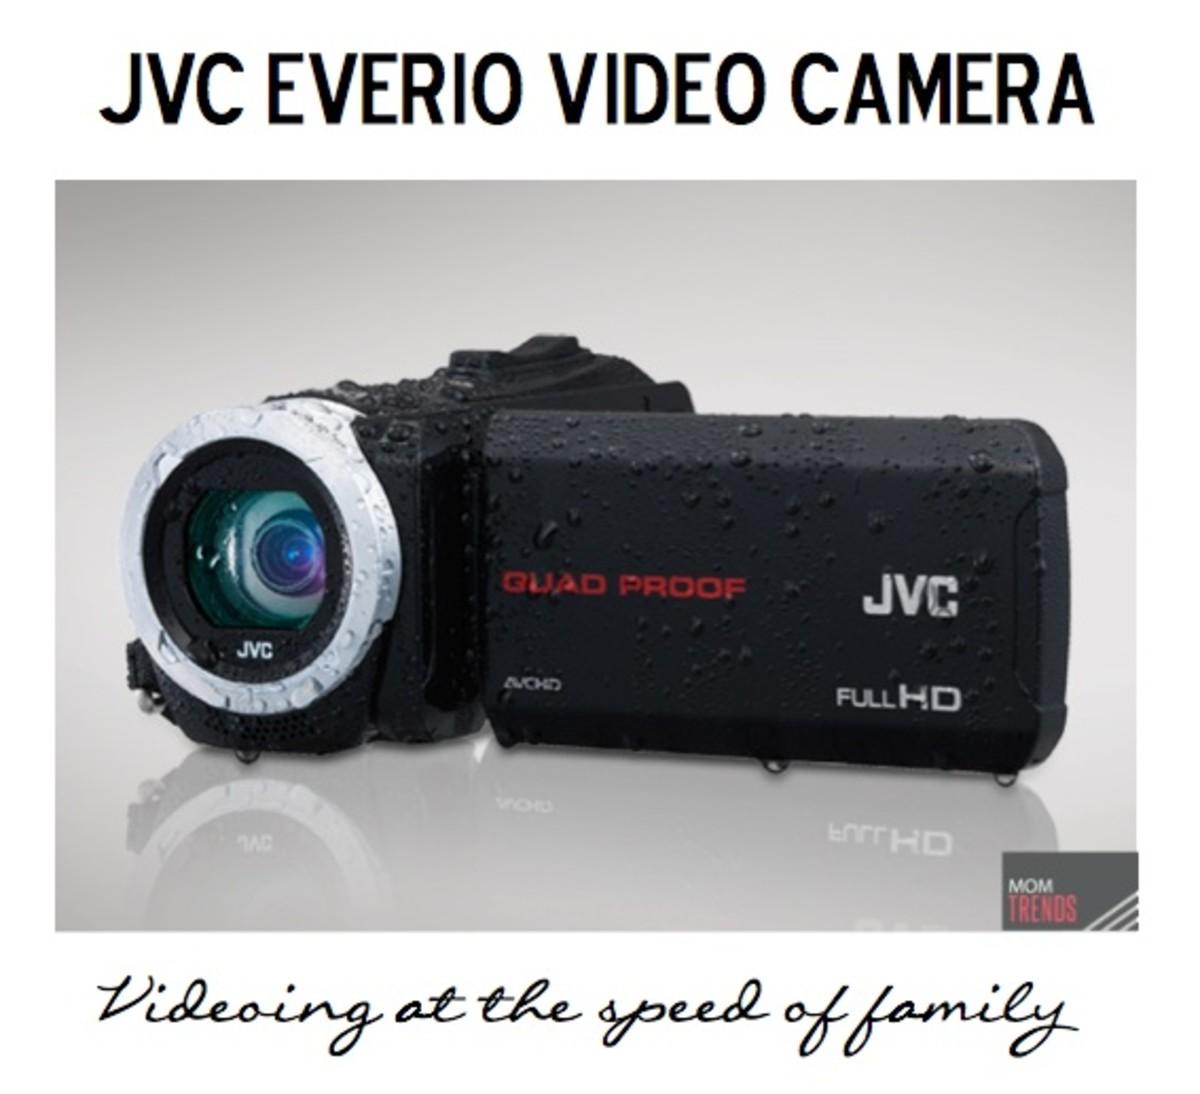 JVC Everio Video Camera